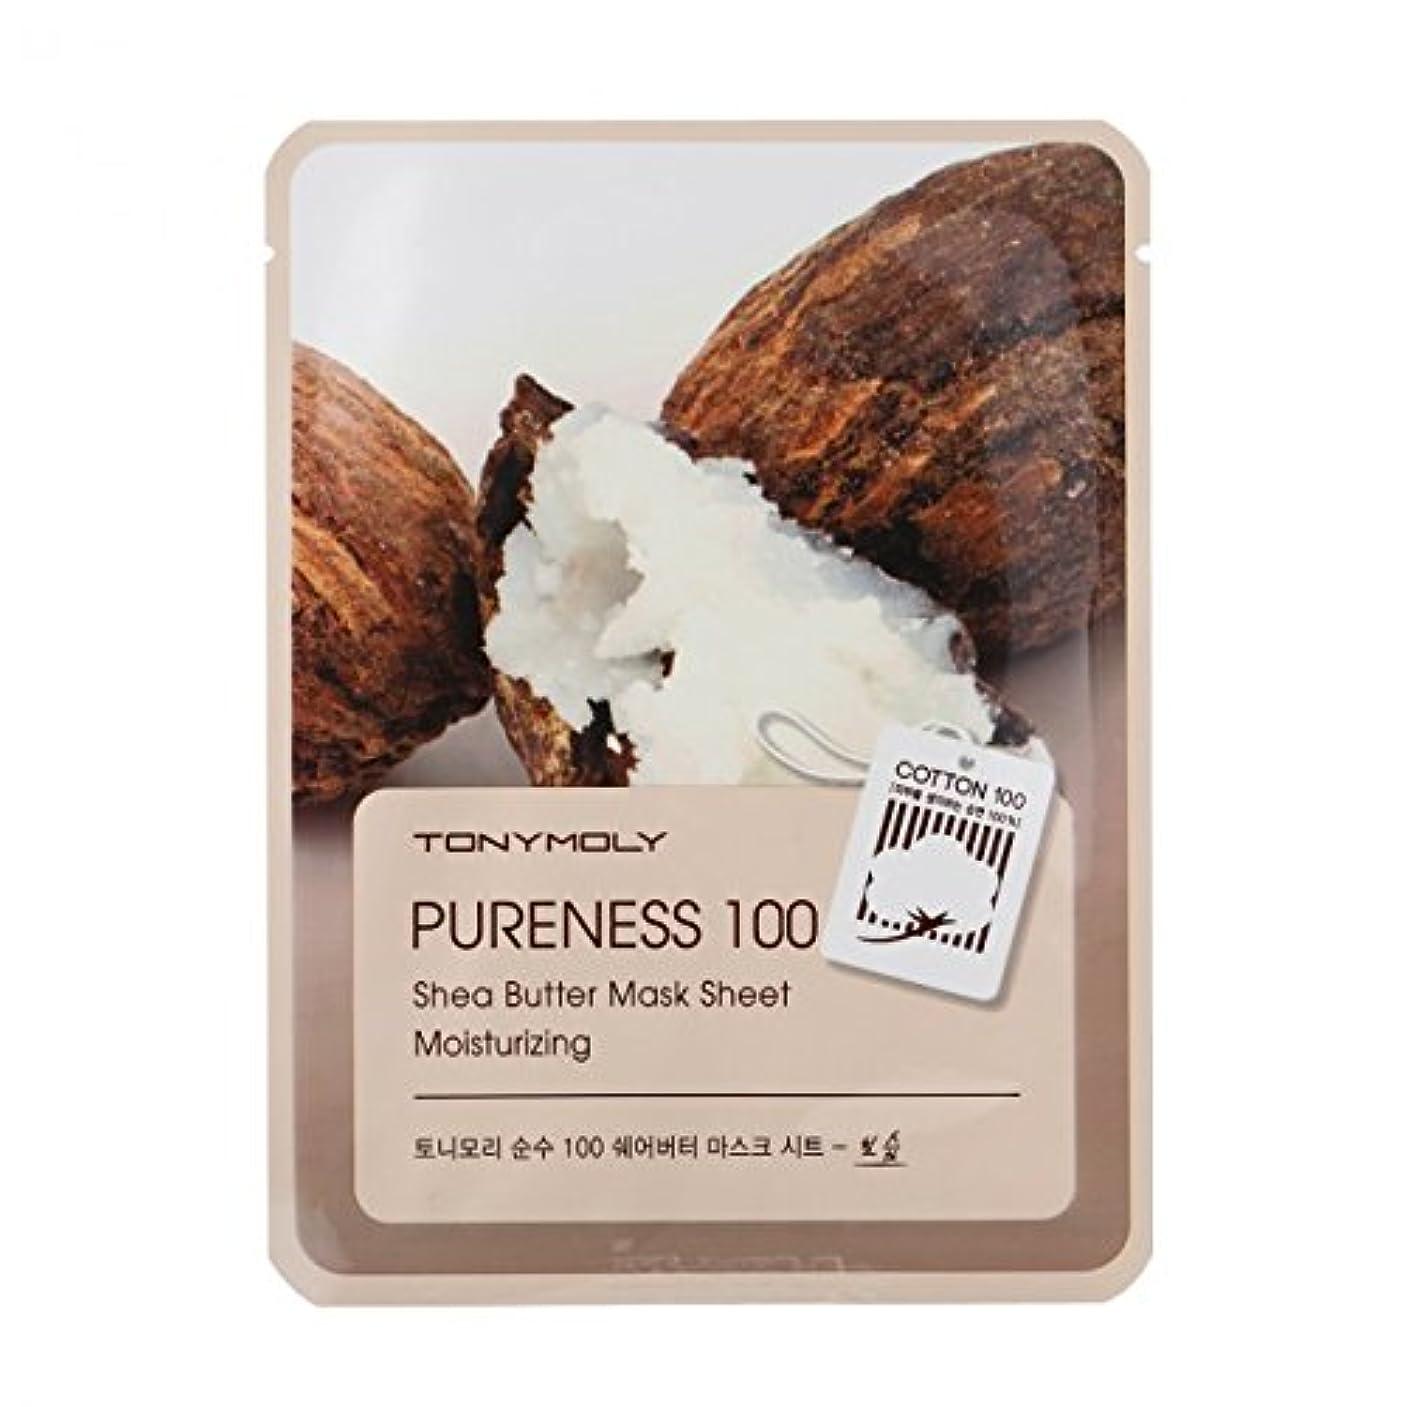 改革グレートオーク志す(6 Pack) TONYMOLY Pureness 100 Shea Butter Mask Sheet Moisturizing (並行輸入品)